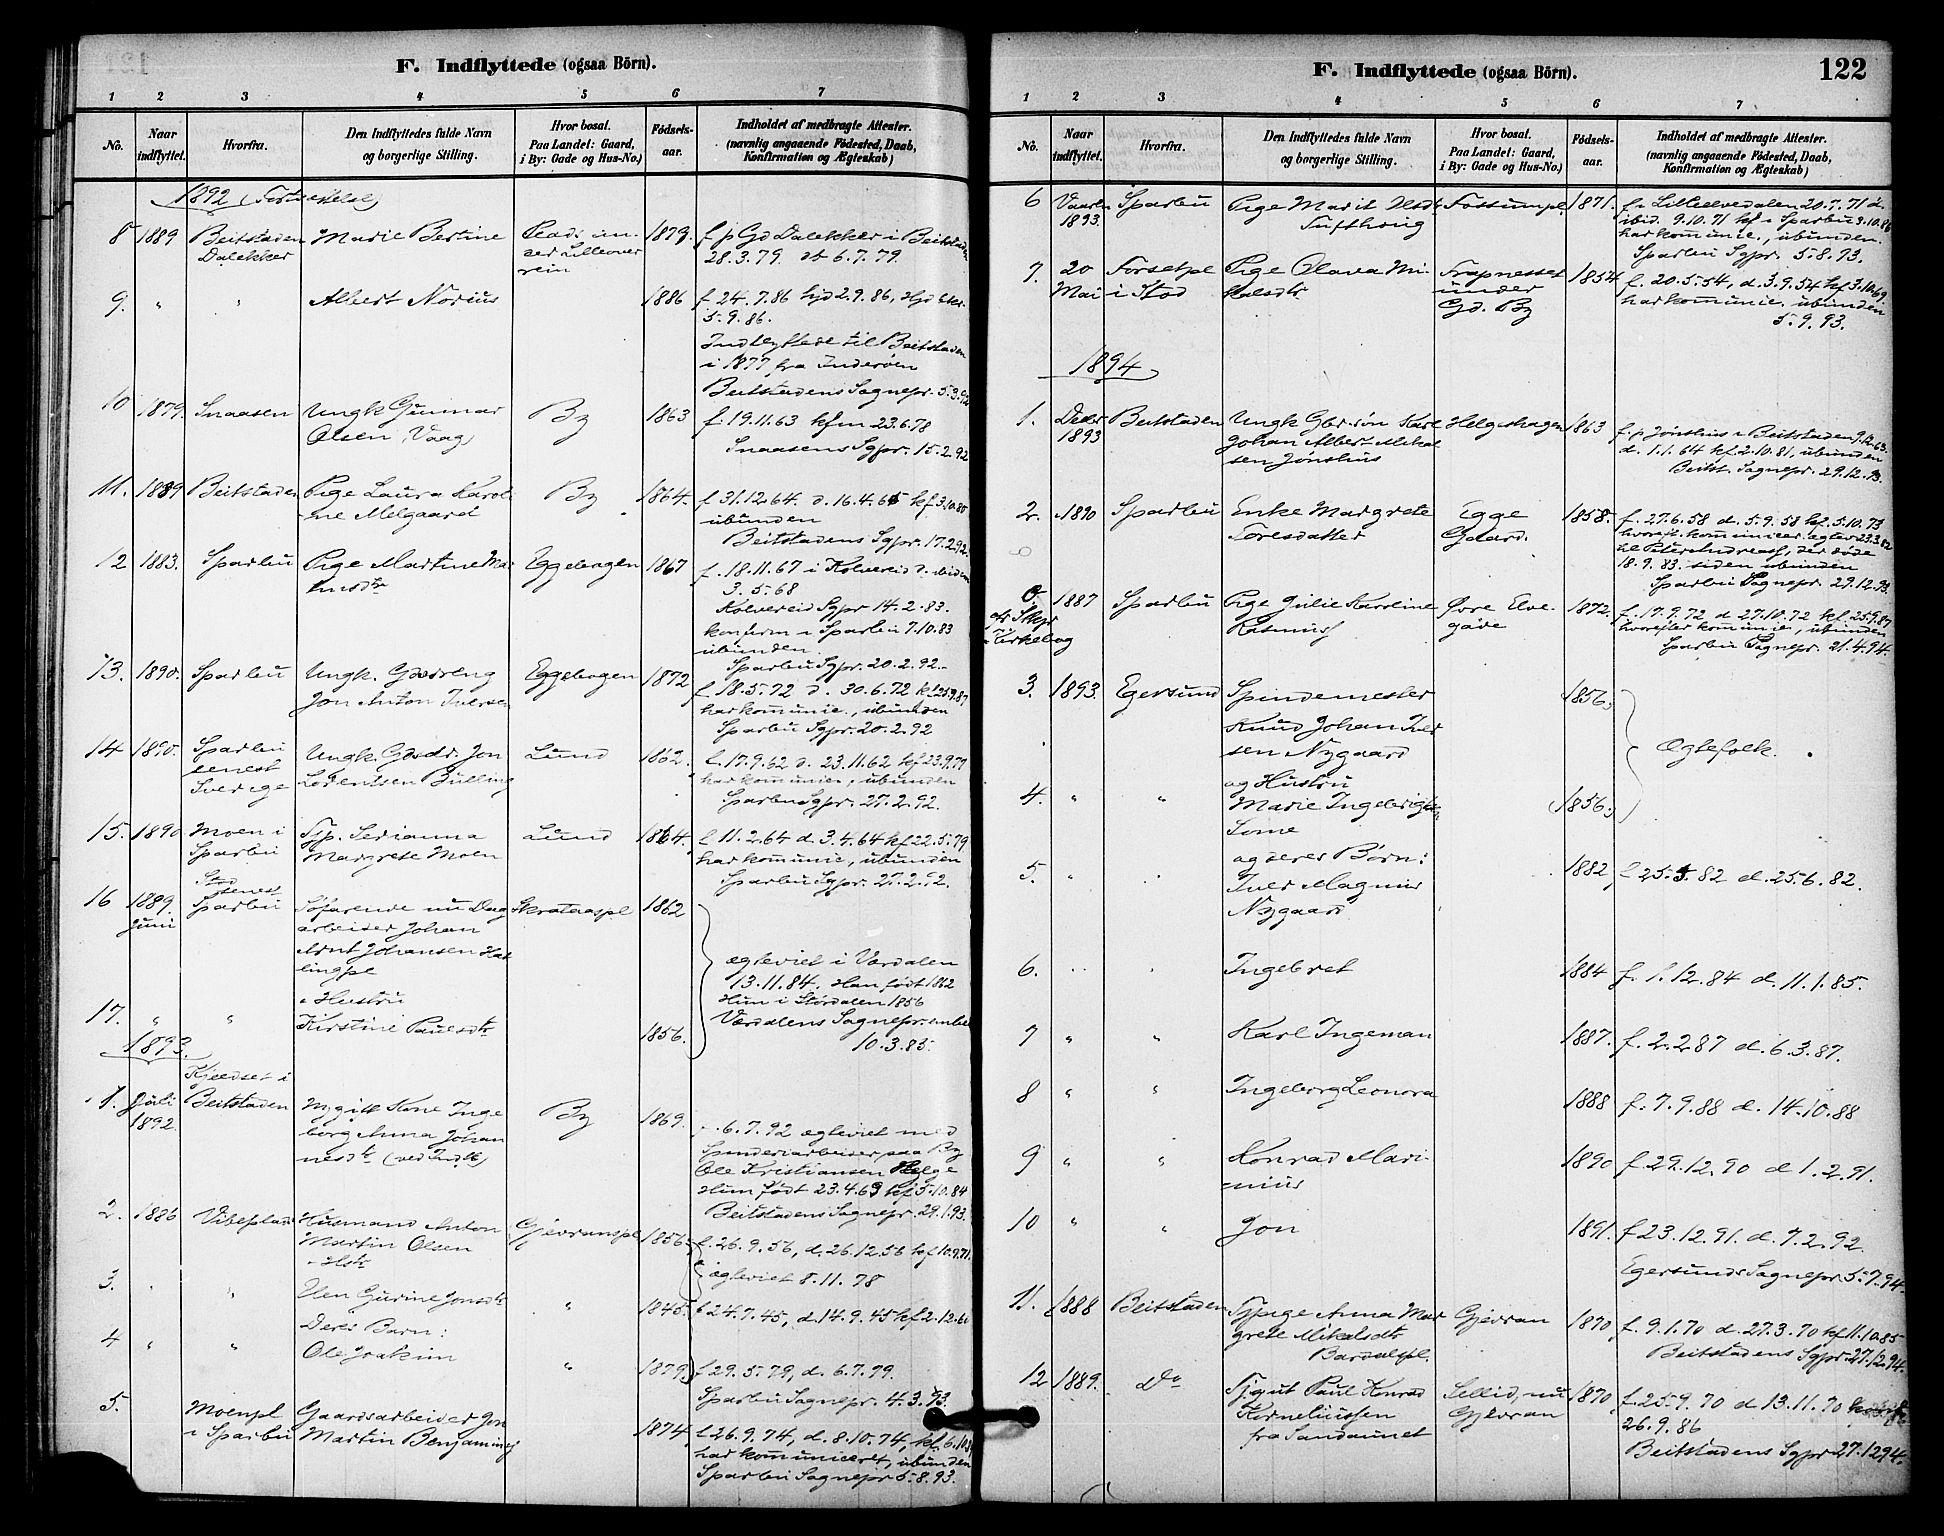 SAT, Ministerialprotokoller, klokkerbøker og fødselsregistre - Nord-Trøndelag, 740/L0378: Ministerialbok nr. 740A01, 1881-1895, s. 122